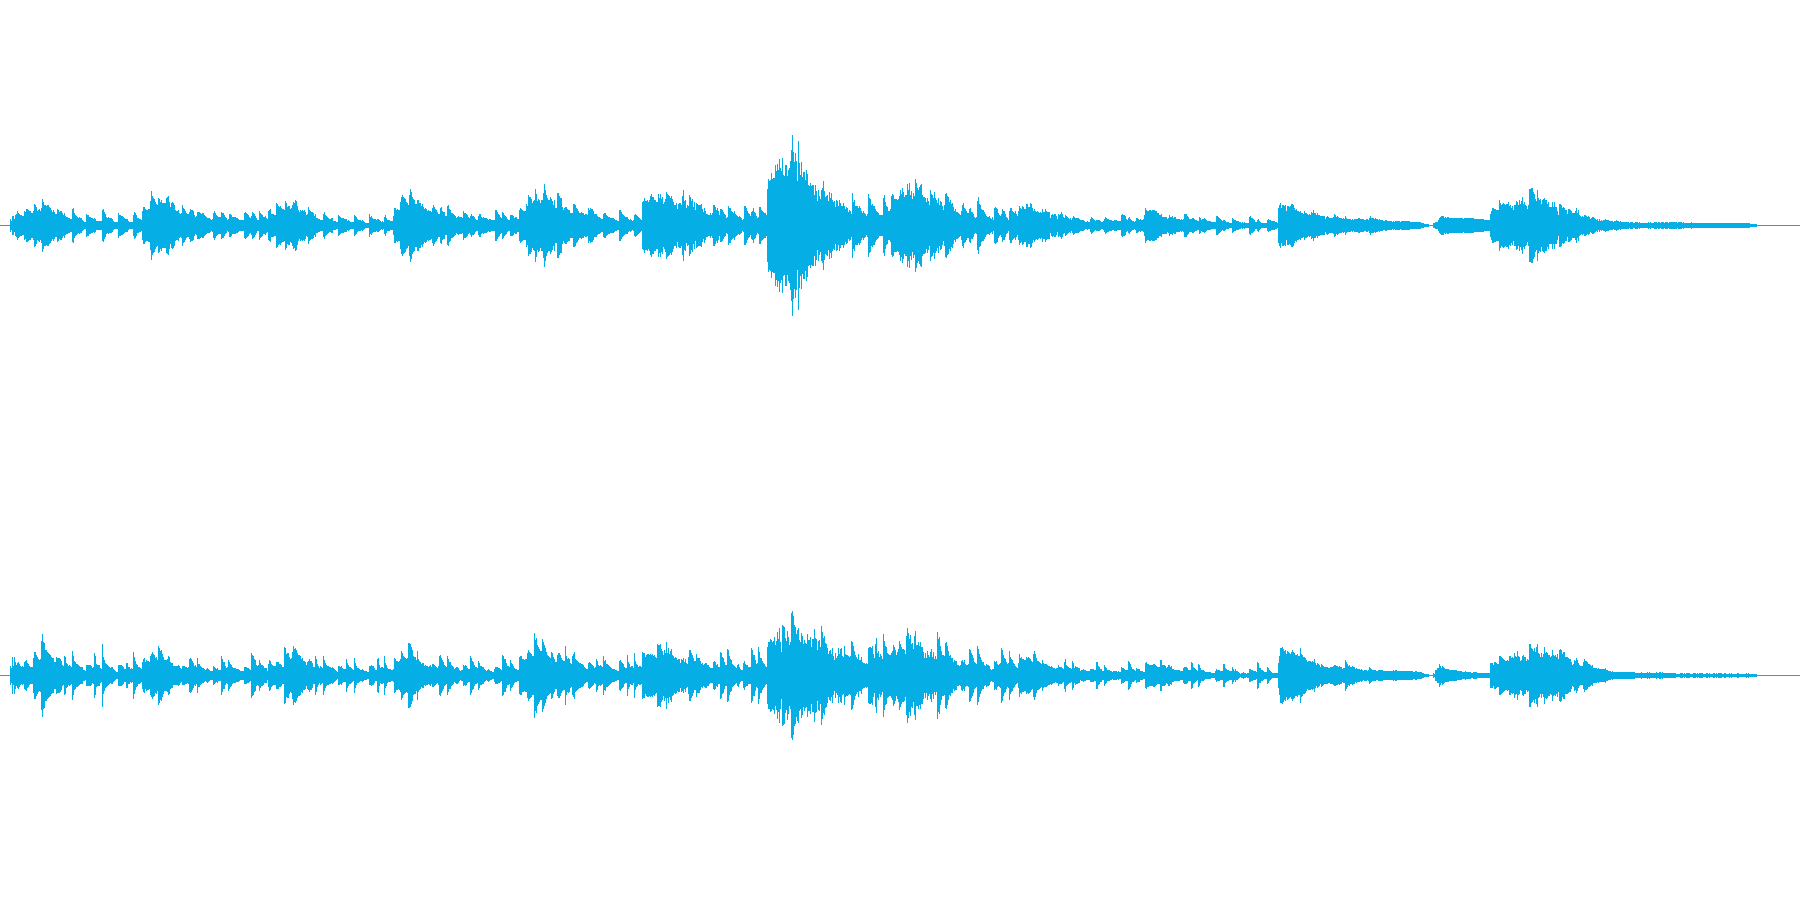 キラキラ軽やかなピアノの再生済みの波形